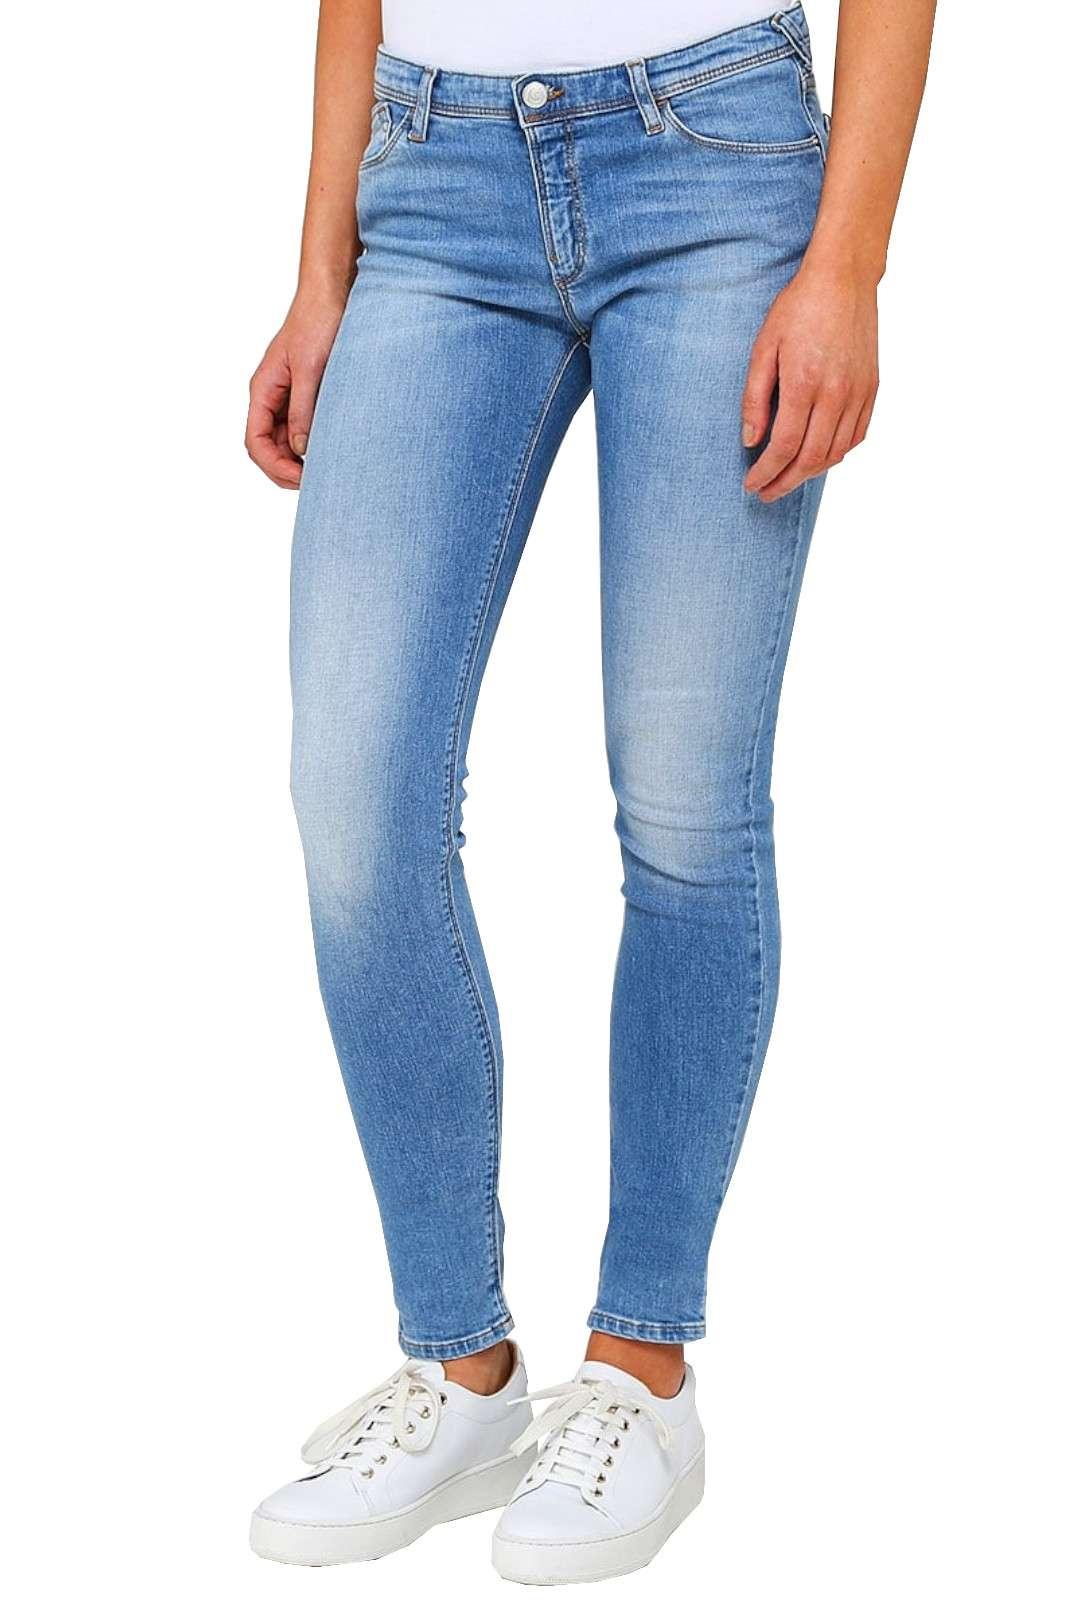 Un jeans skinny quello proposto dalla collezione Armani. Da indossare nel tempo libero o nelle uscite con gli amici. Abbinato sia ad un tacco alto che ad una sneakers è un must have.